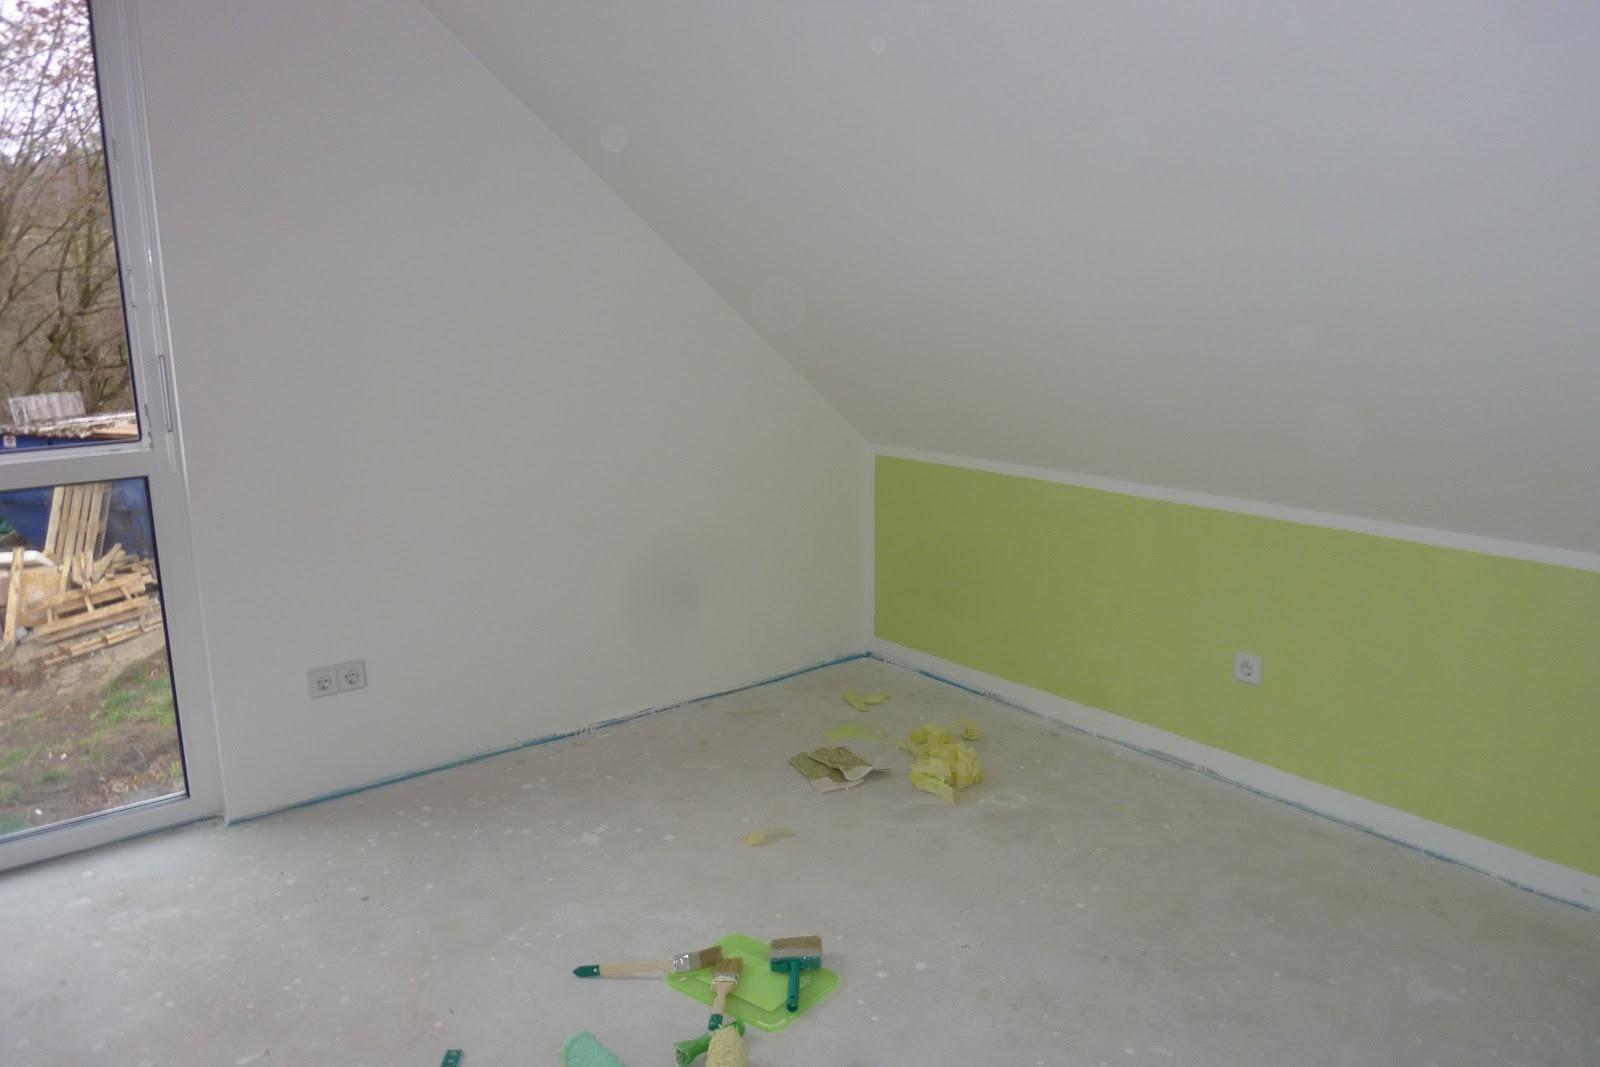 bauen mit danwood glatthaar bautagebuch aus der eifel jetzt kommt farbe ins spiel. Black Bedroom Furniture Sets. Home Design Ideas